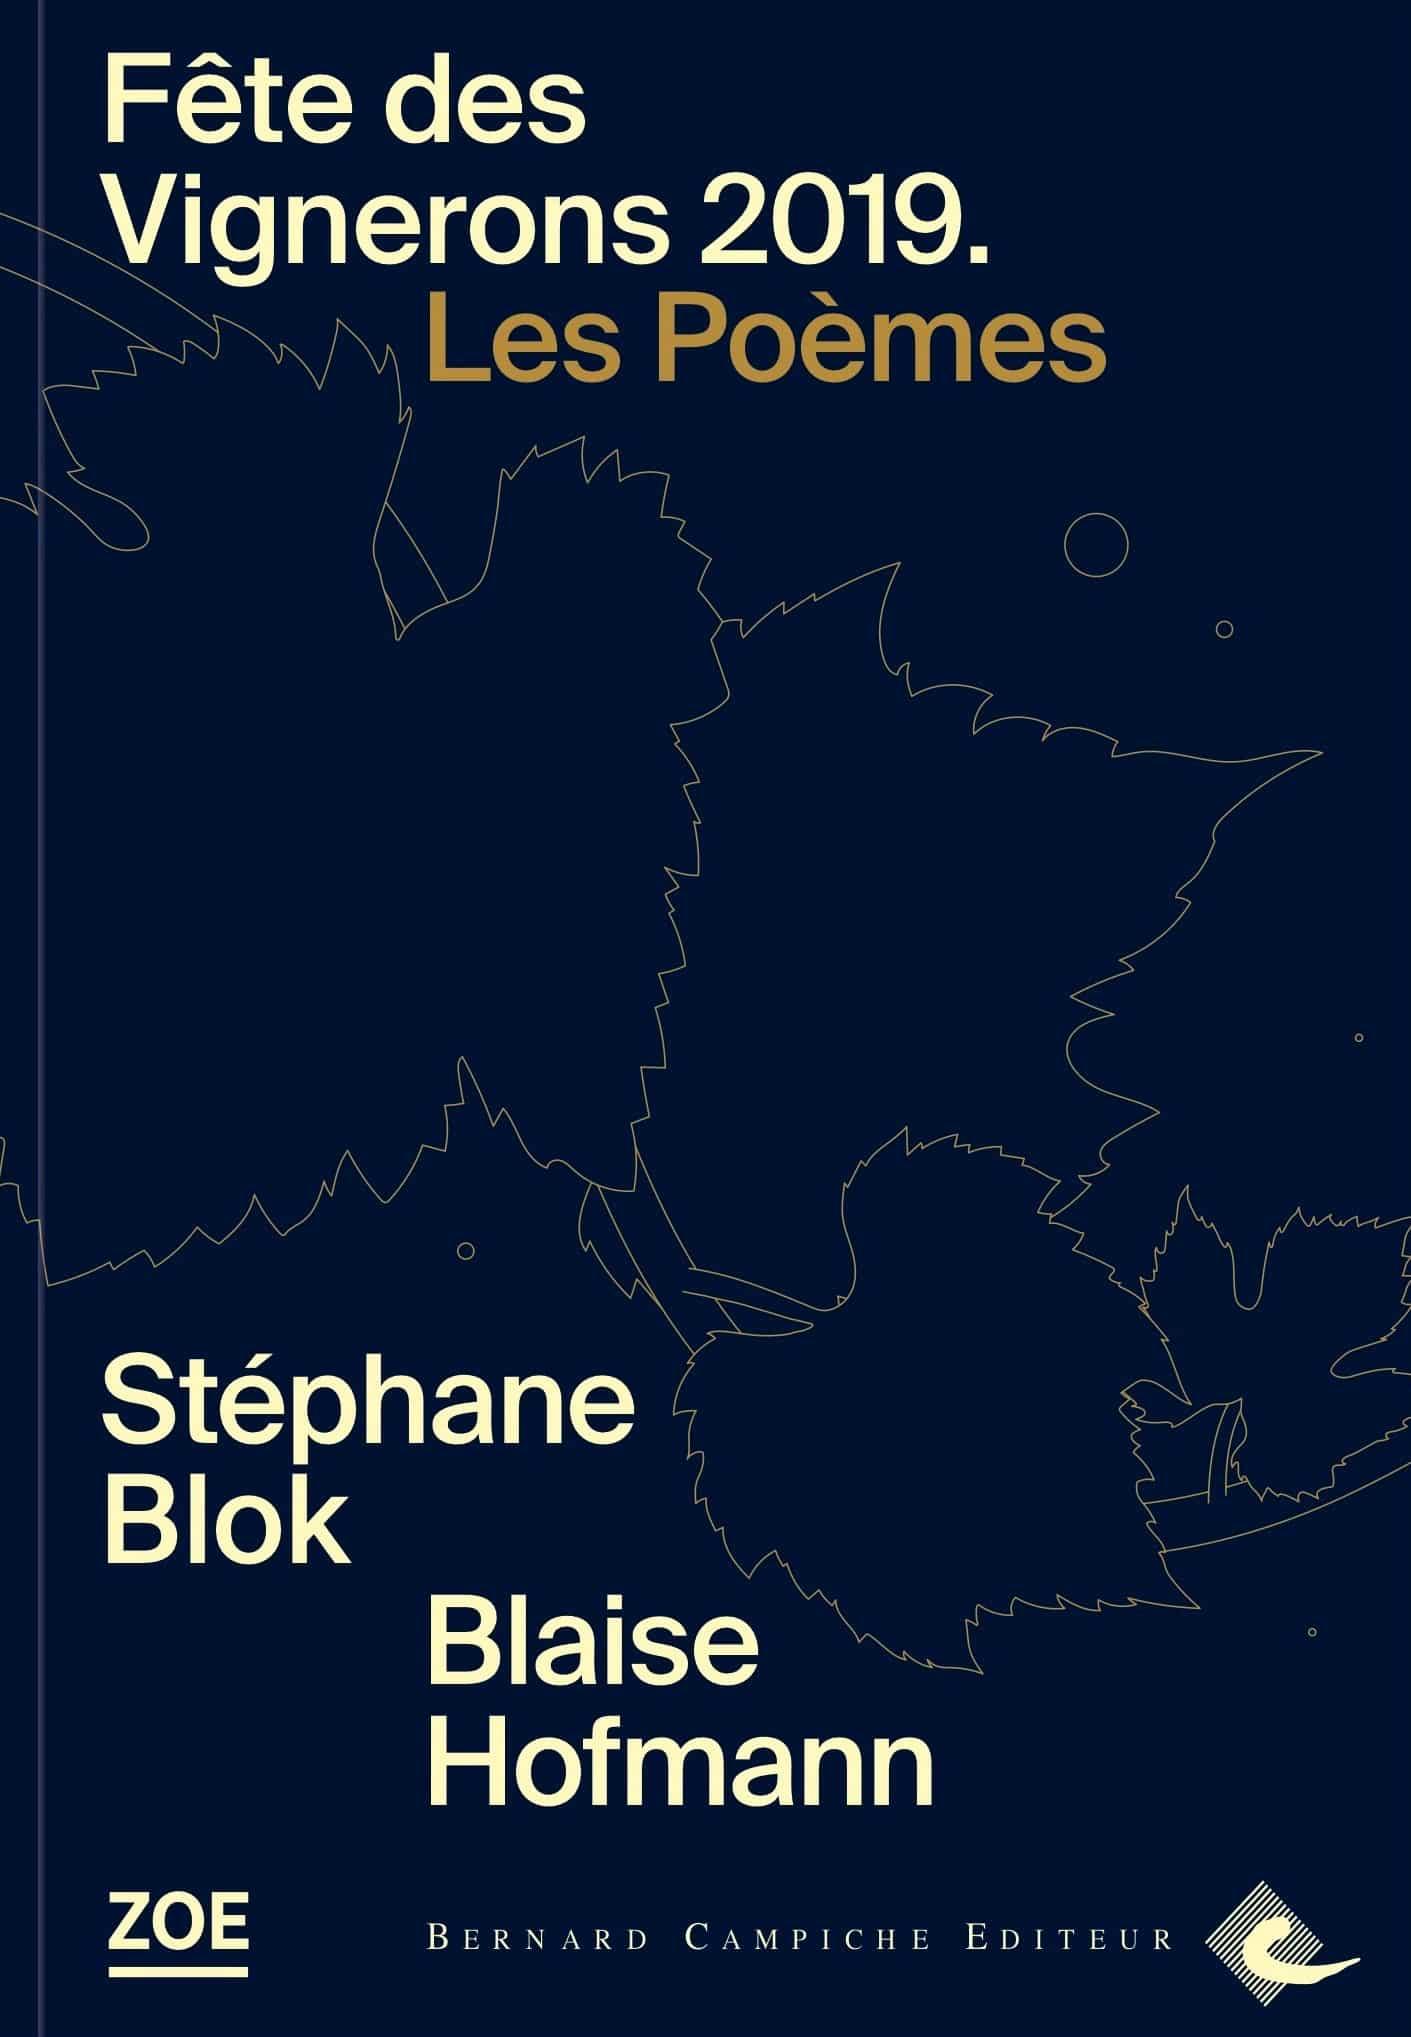 Les Beaux Livres De La Fete Fete Des Vignerons 2019